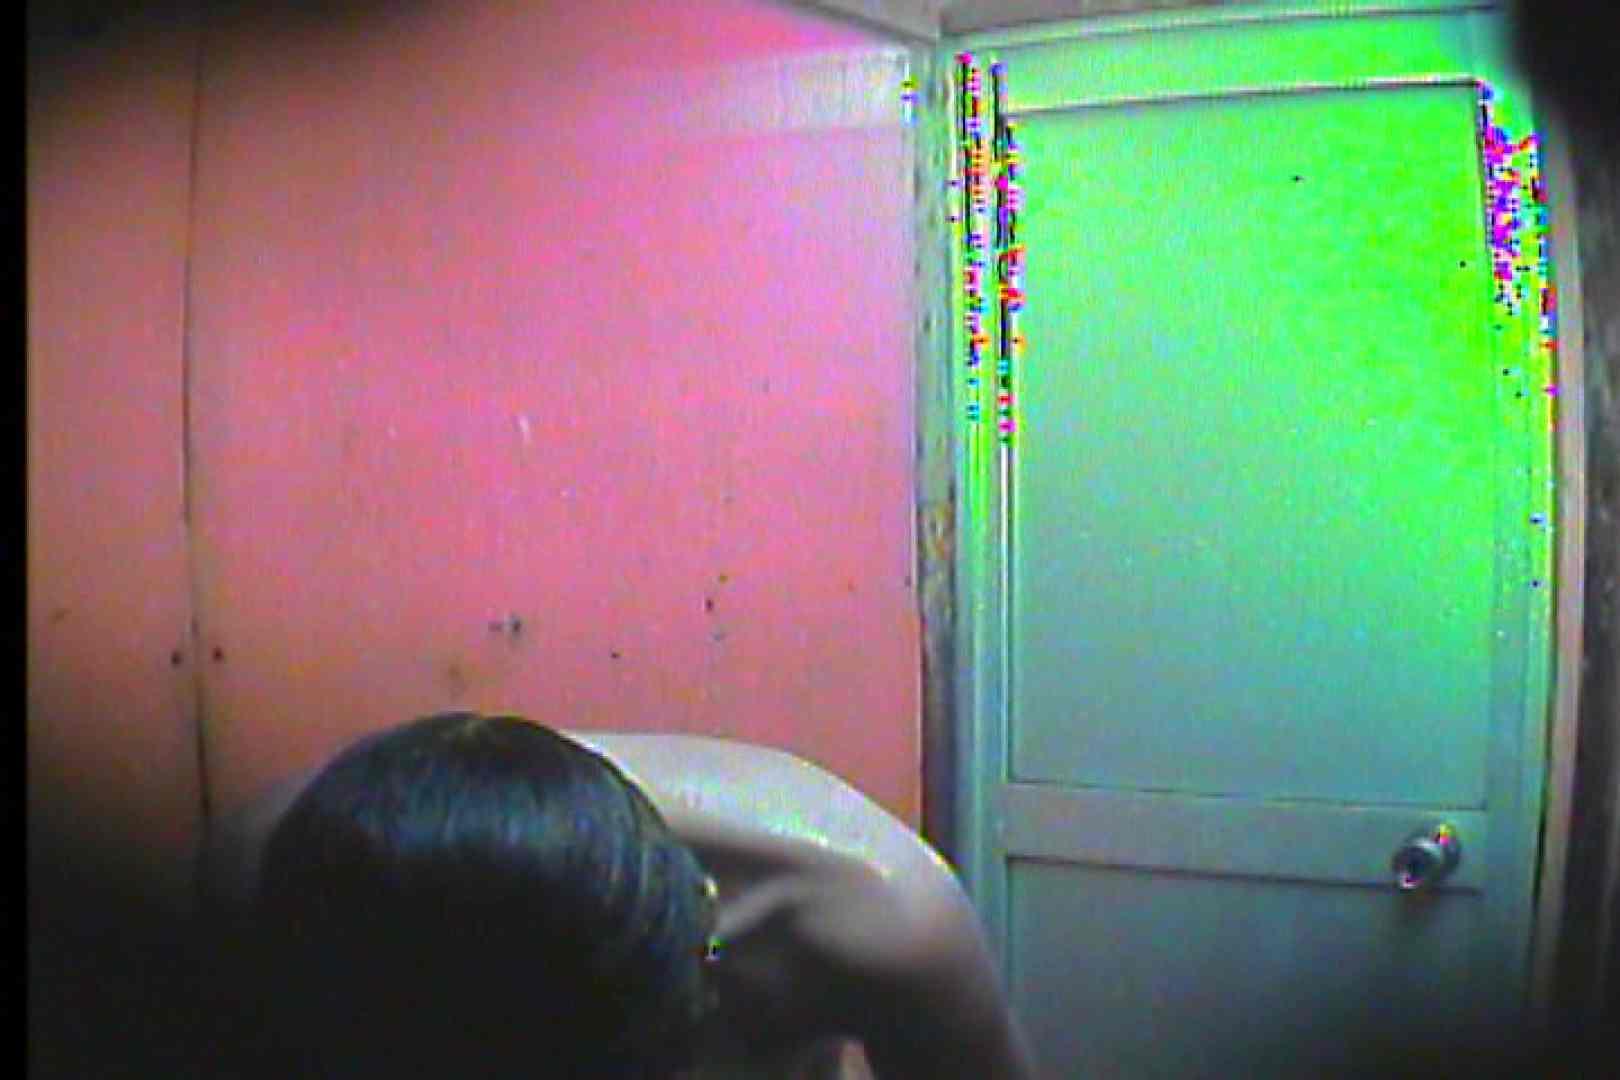 海の家の更衣室 Vol.46 美女 盗み撮り動画キャプチャ 99pic 35